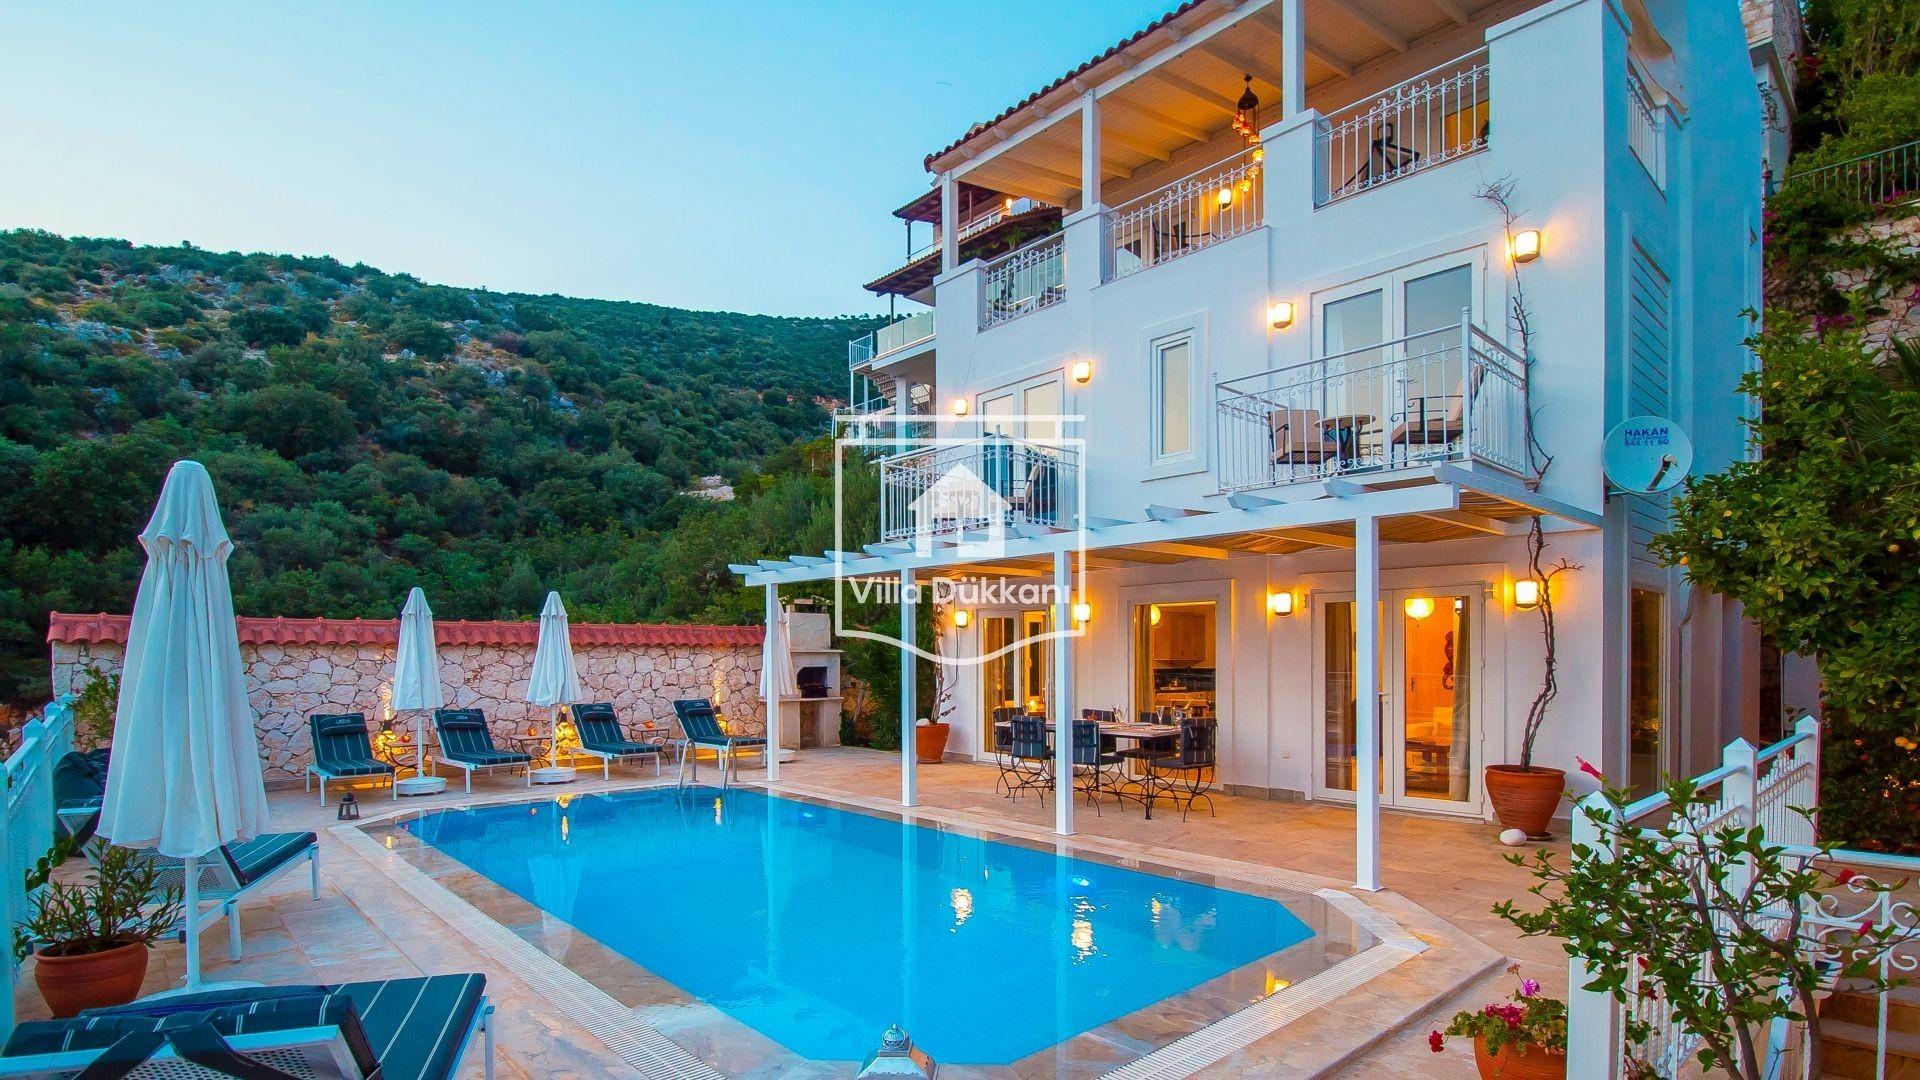 Marmaris'in En Güzel Noktalarında Kiralık Villalar